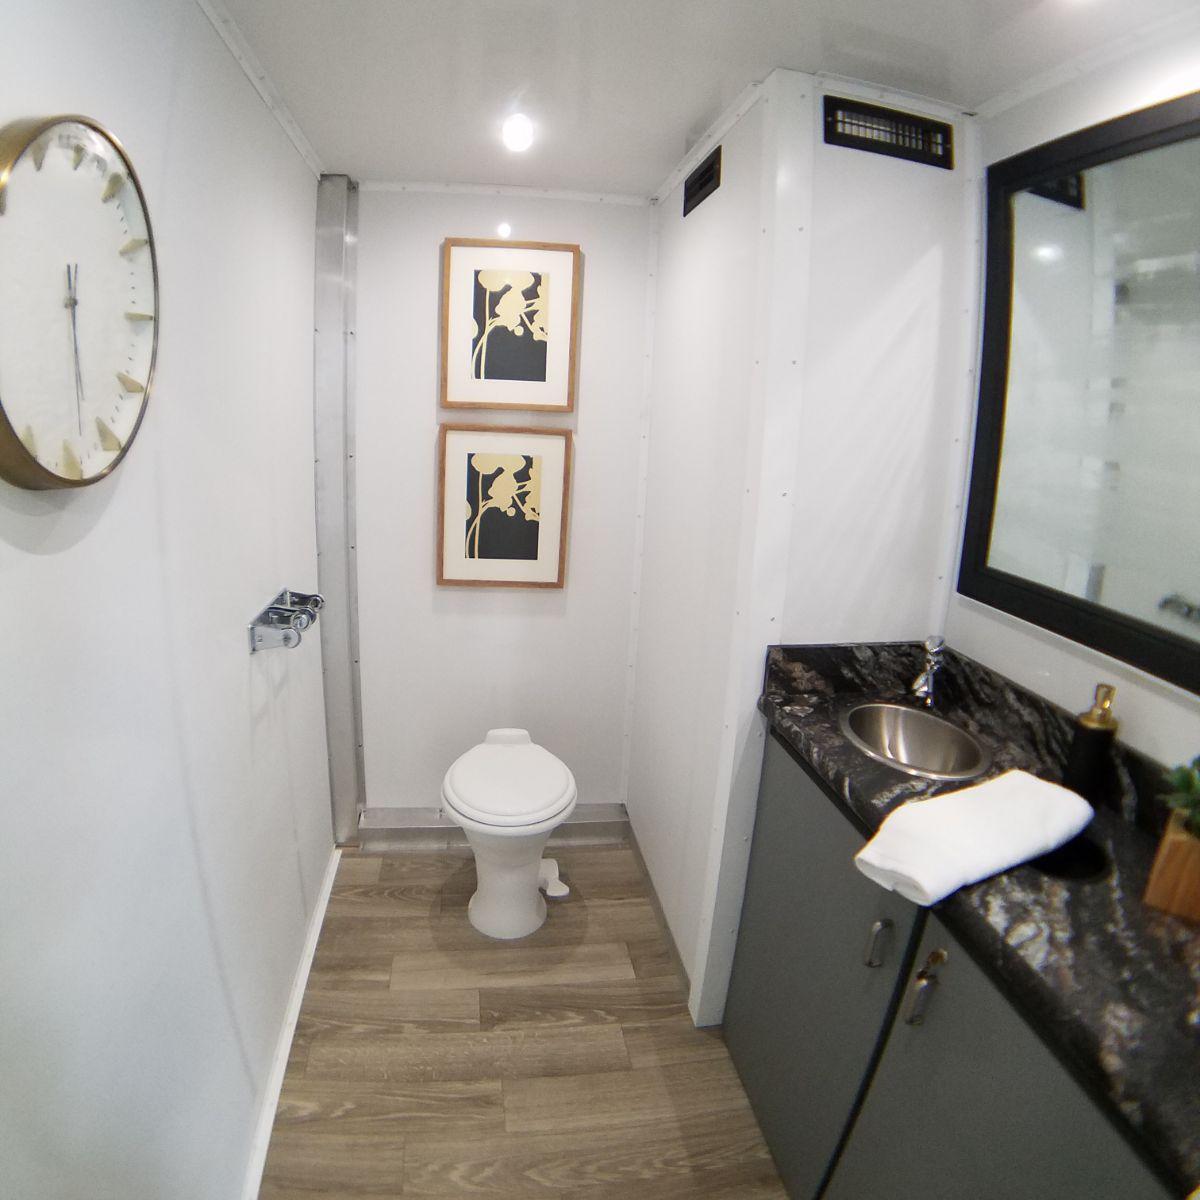 2 Station Restroom Trailer